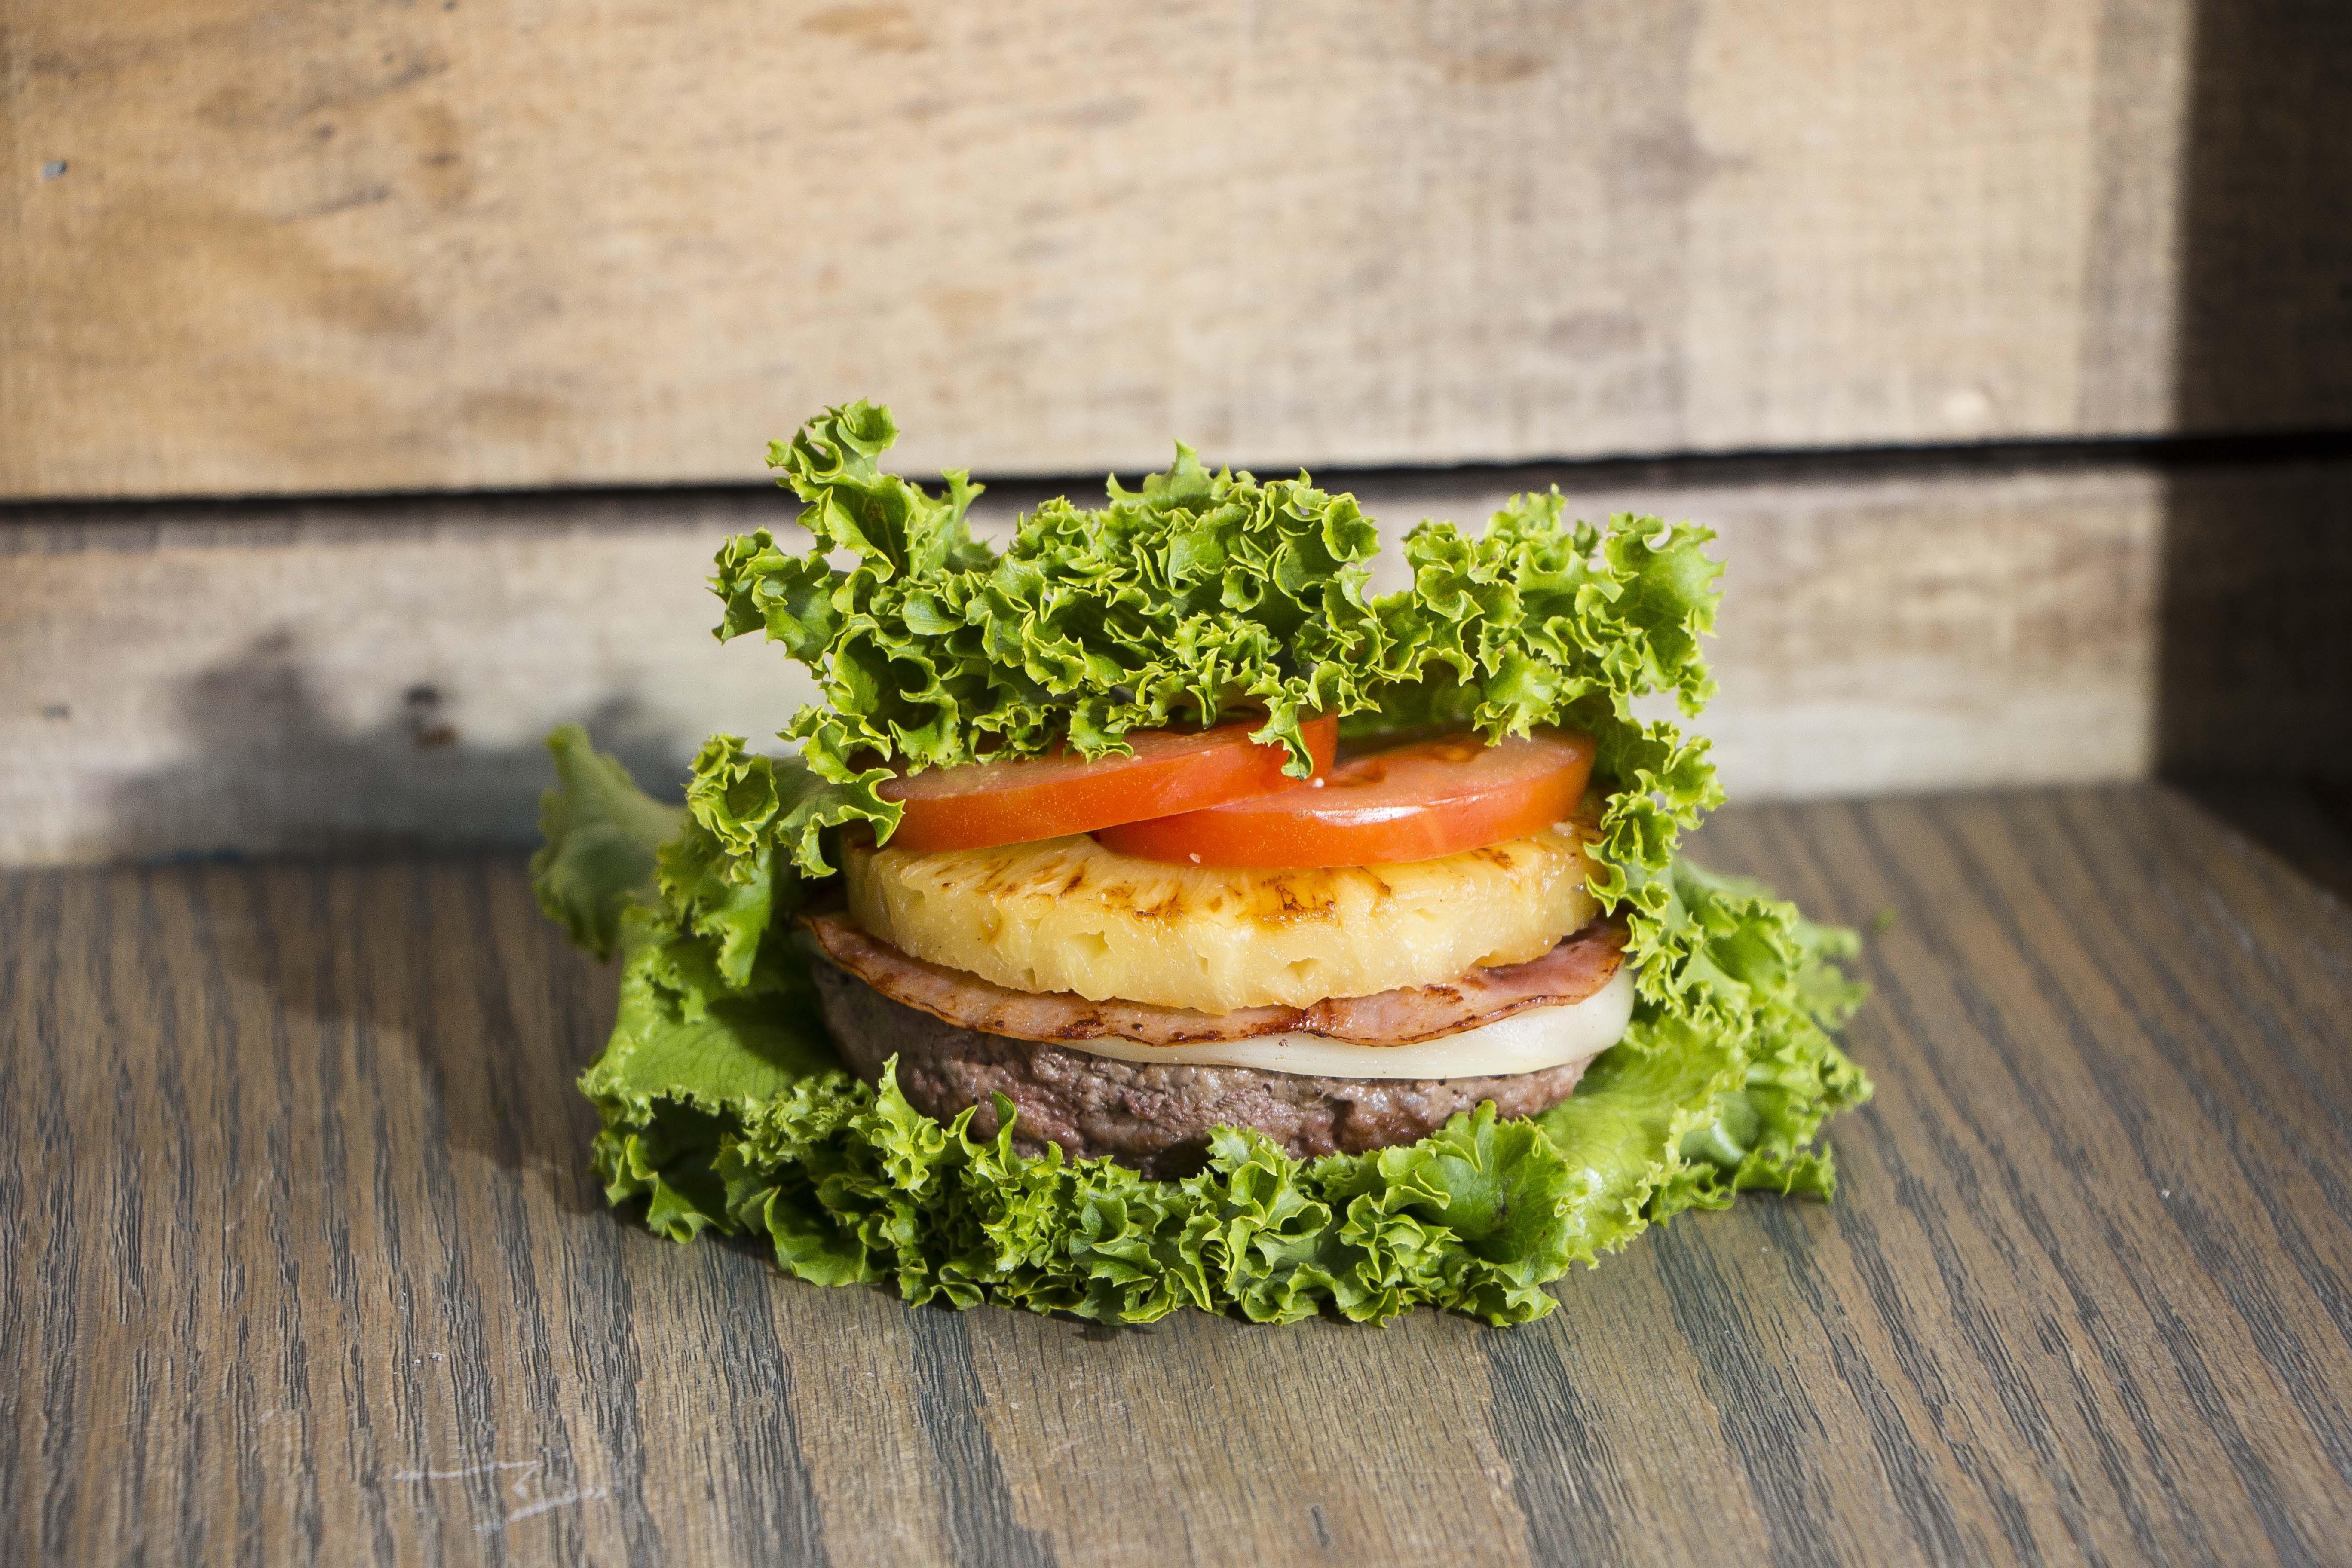 Lettuce wrap on wood